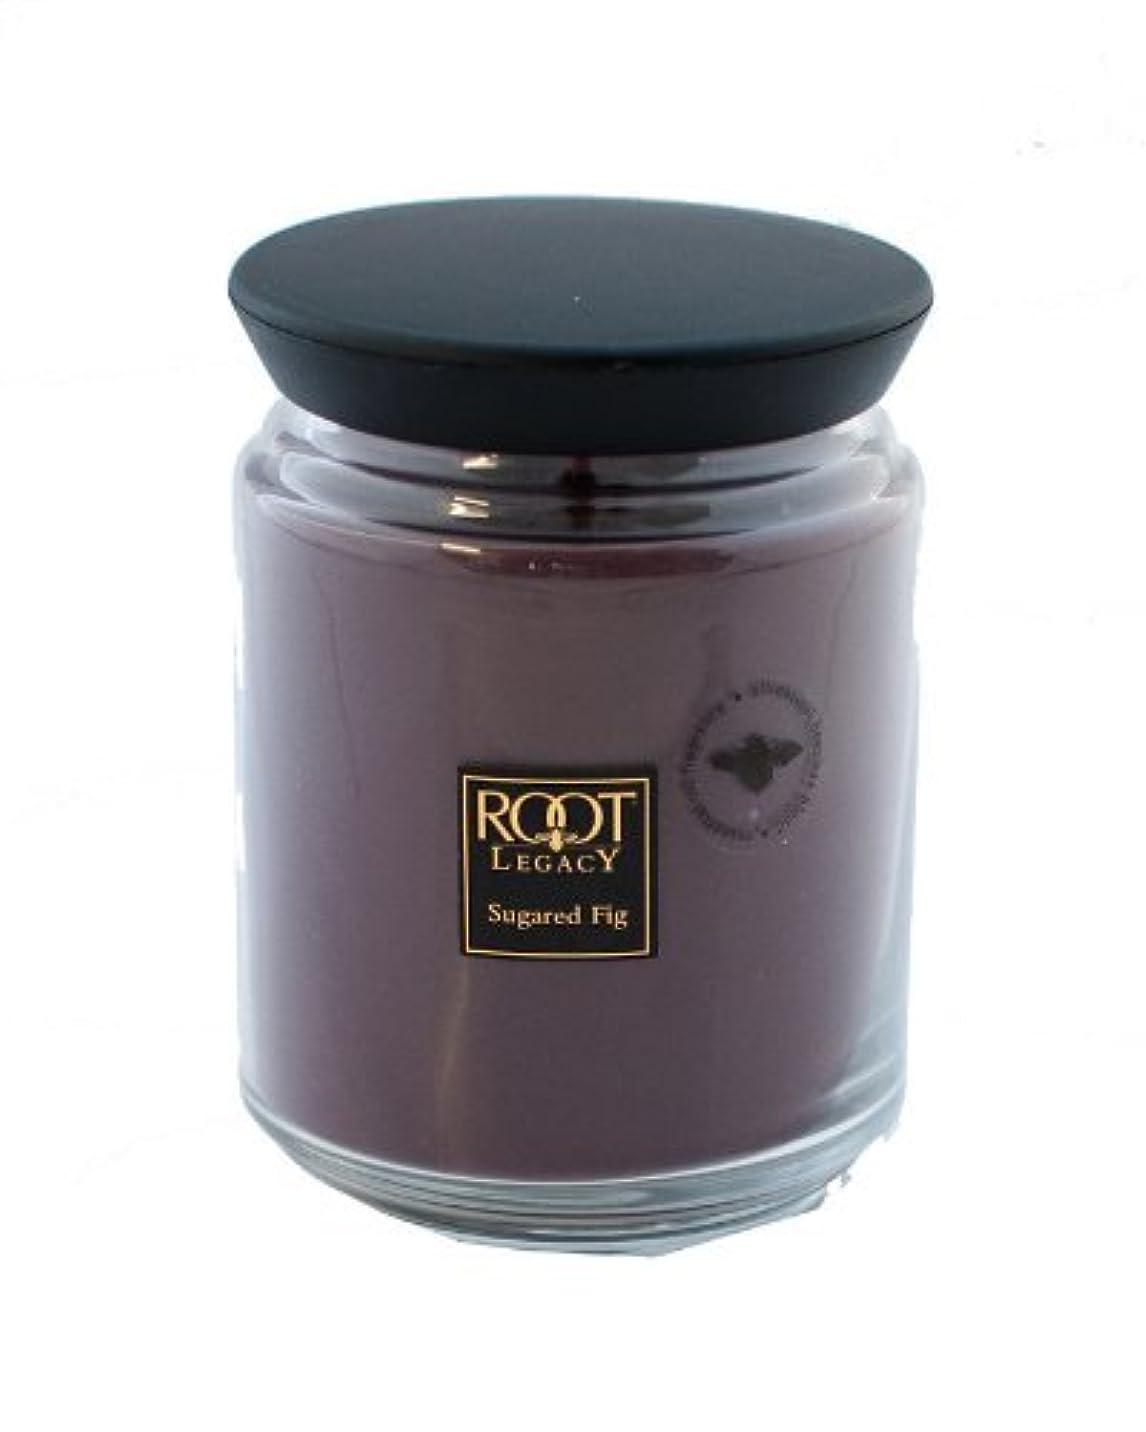 軍団彼女は競合他社選手ルートキャンドルQueen Bee Jar Large Sugared Fig Candleルートキャンドルで、ワックス、パープル